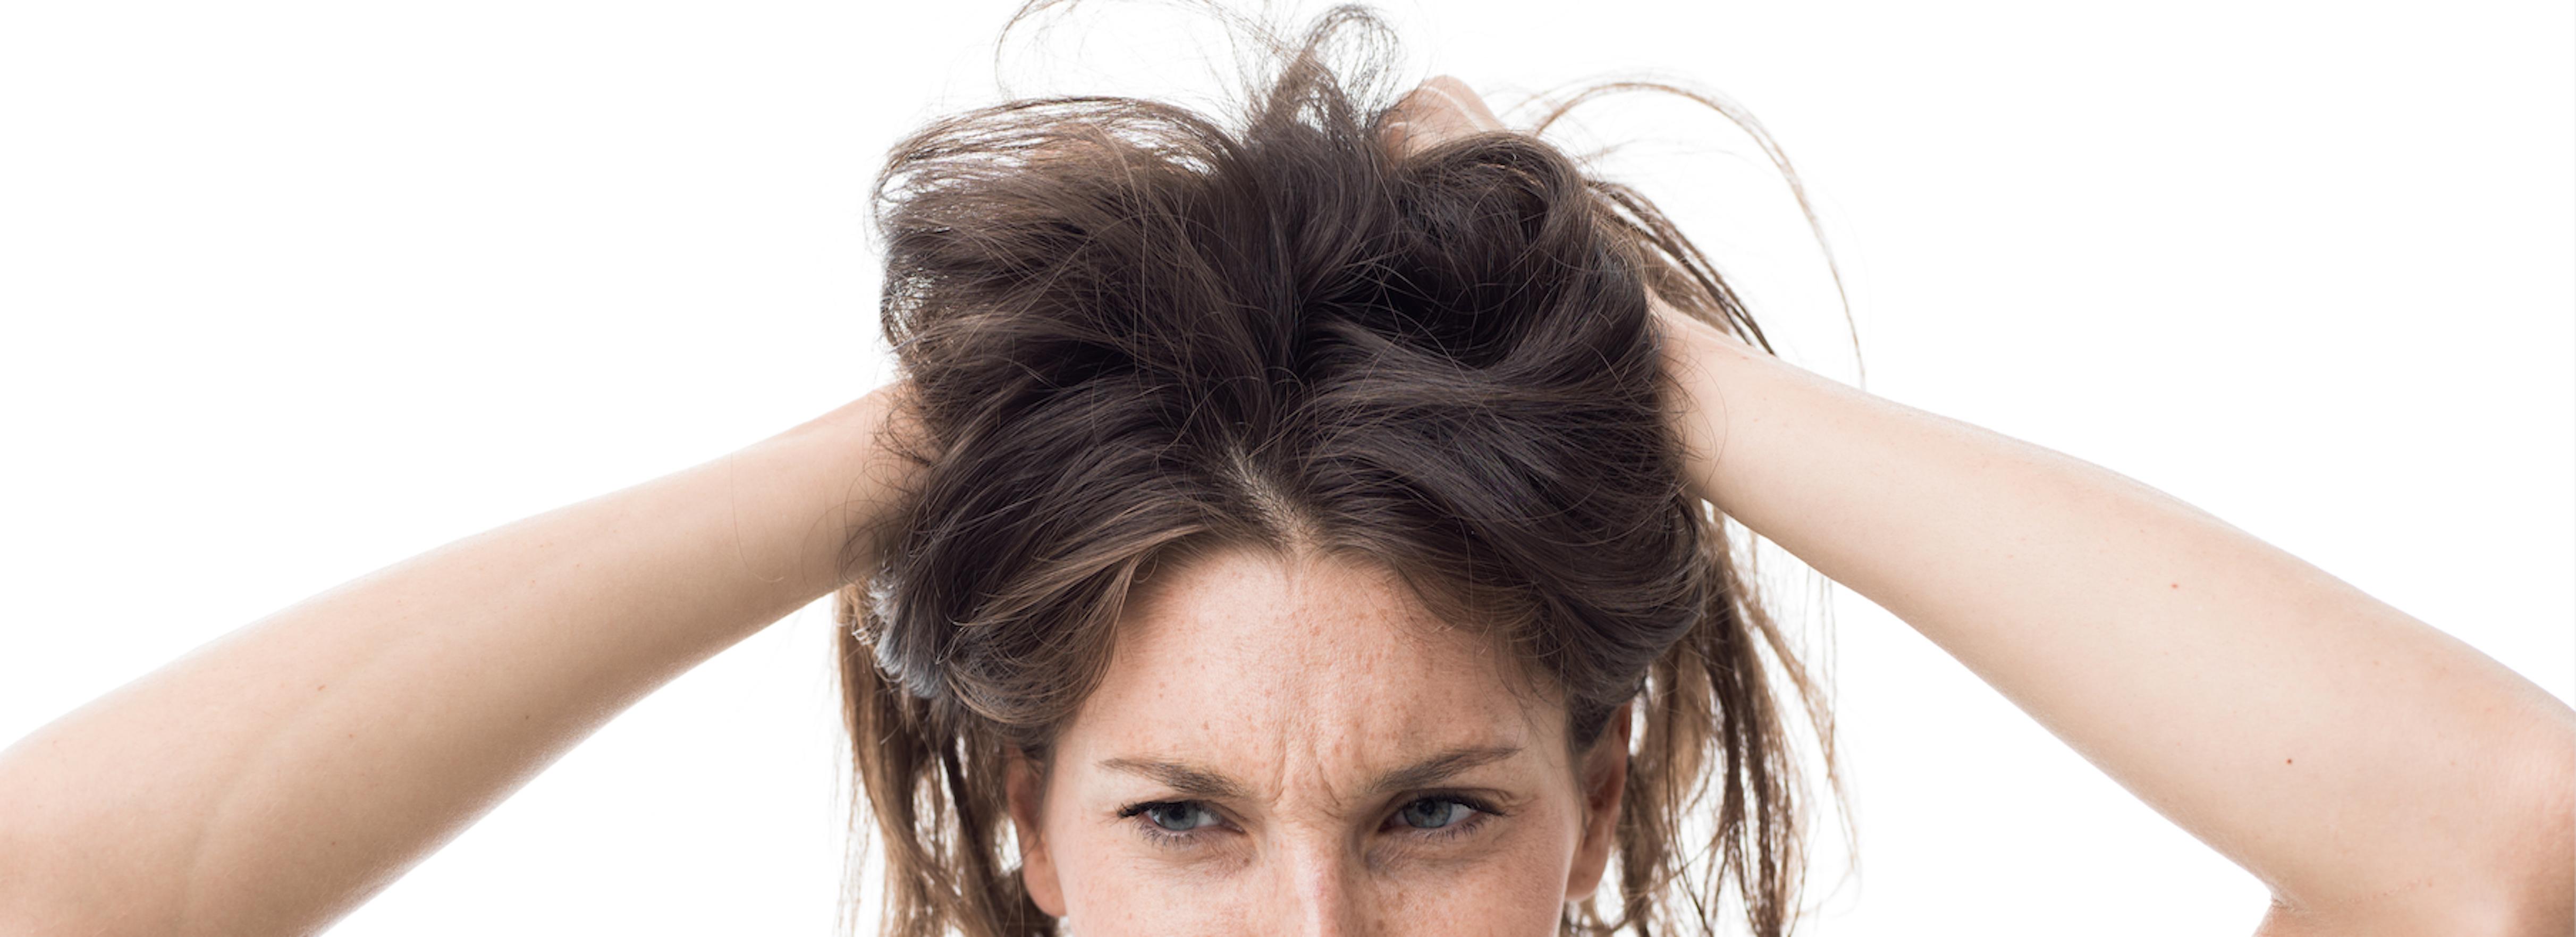 alopecia estrés